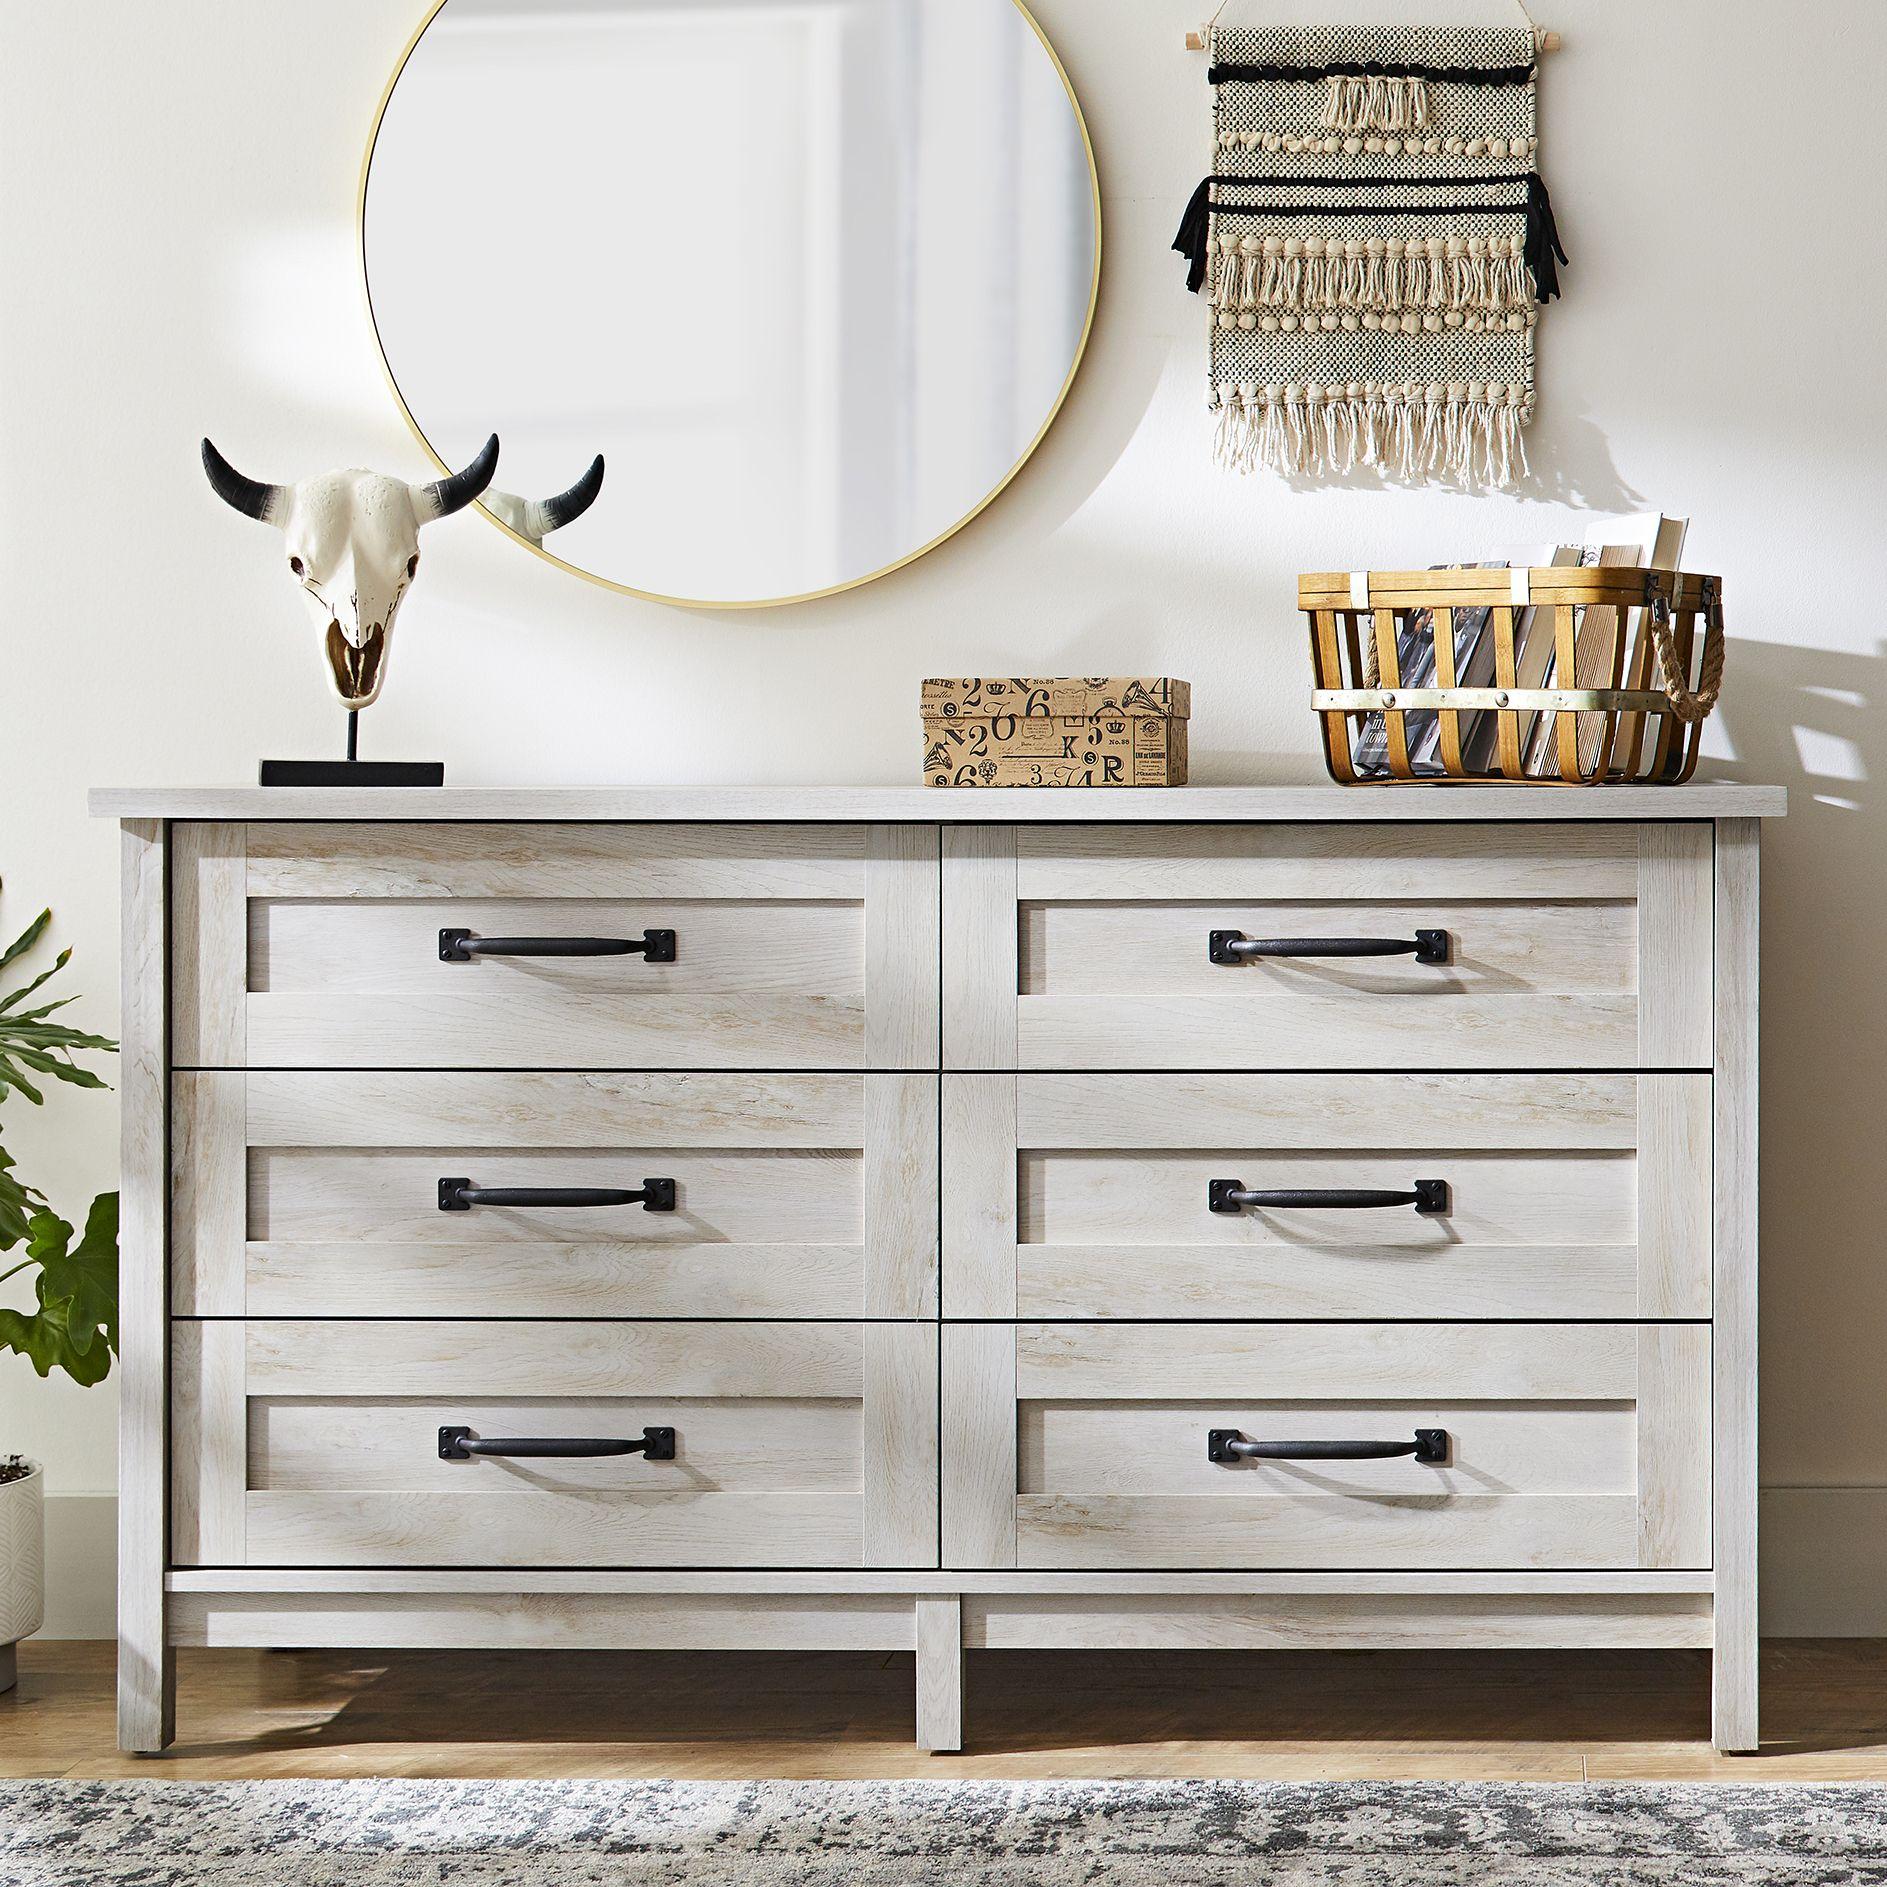 48++ Rustic bedroom dresser ideas in 2021